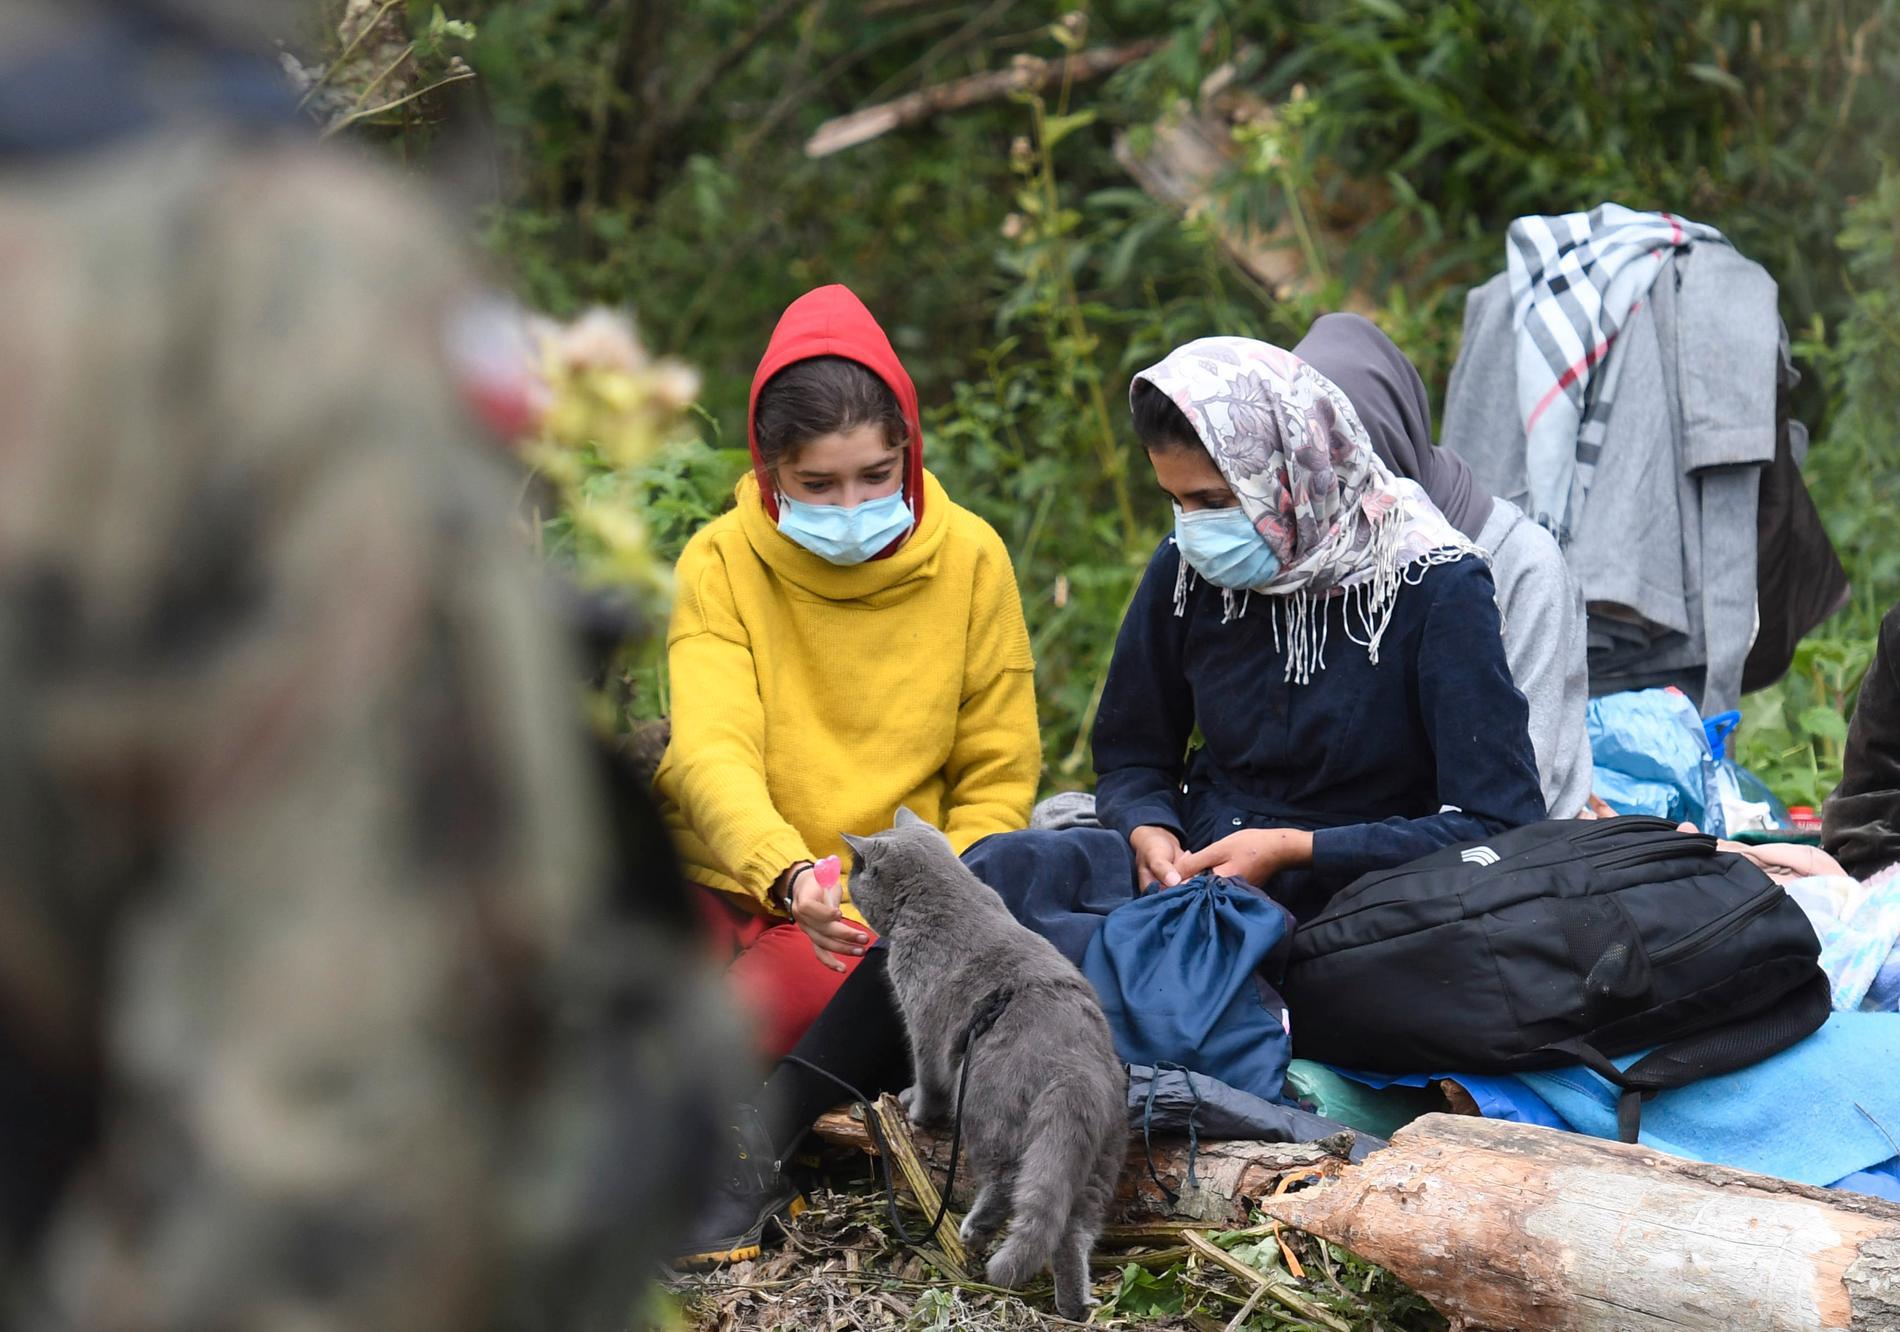 I två veckor har de 32 afghanska flyktingarna varit i limbo - nu har deras situation blivit en politisk fråga på EU-nivå.